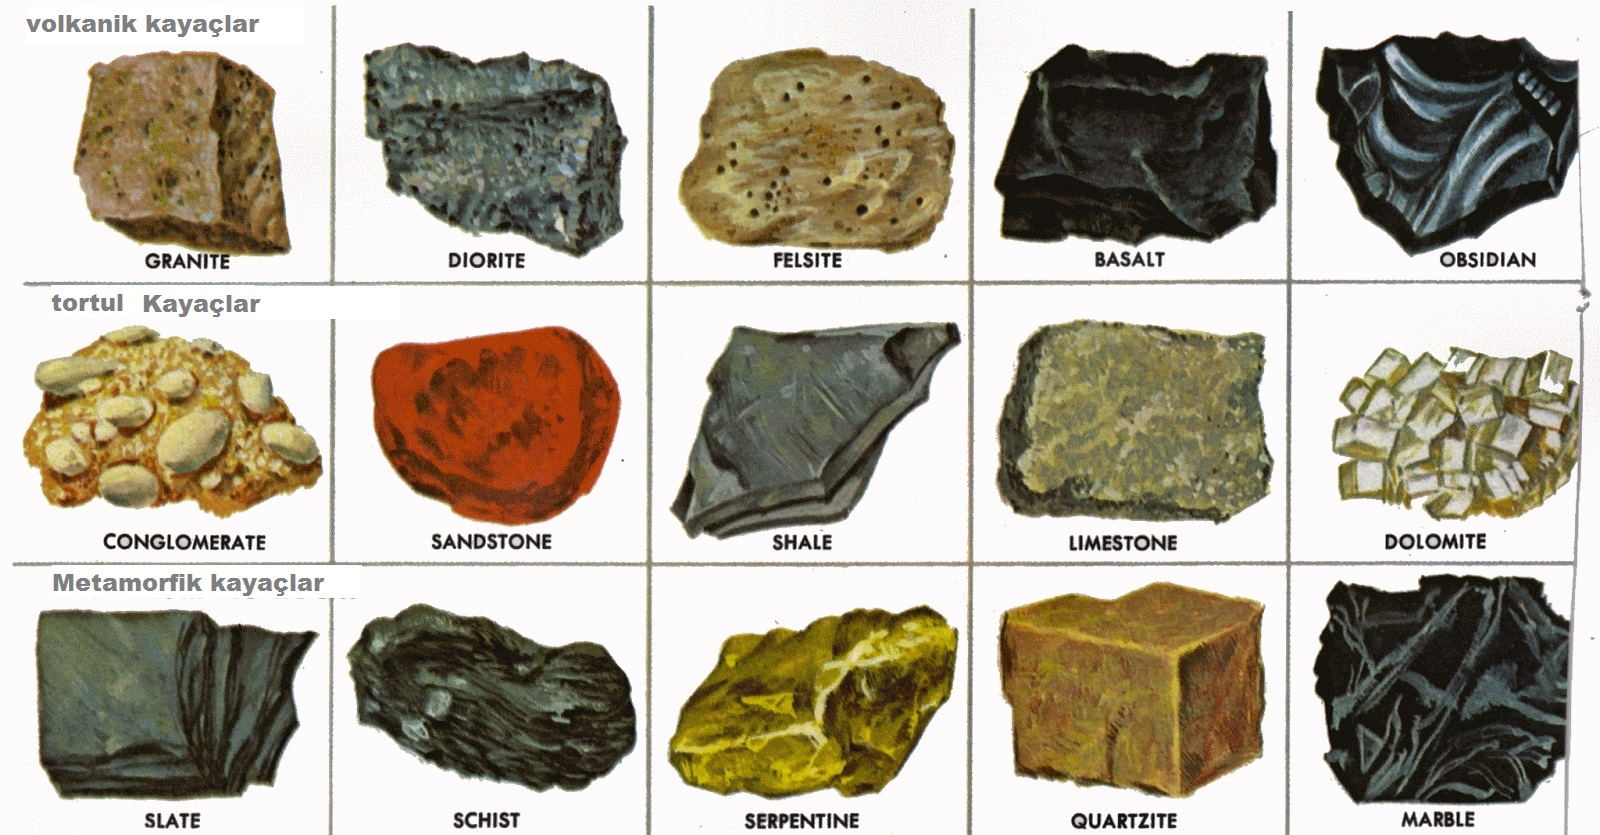 Defineciler Kayaları Tanımalıdır, Kayaçların Sınıflandırılması